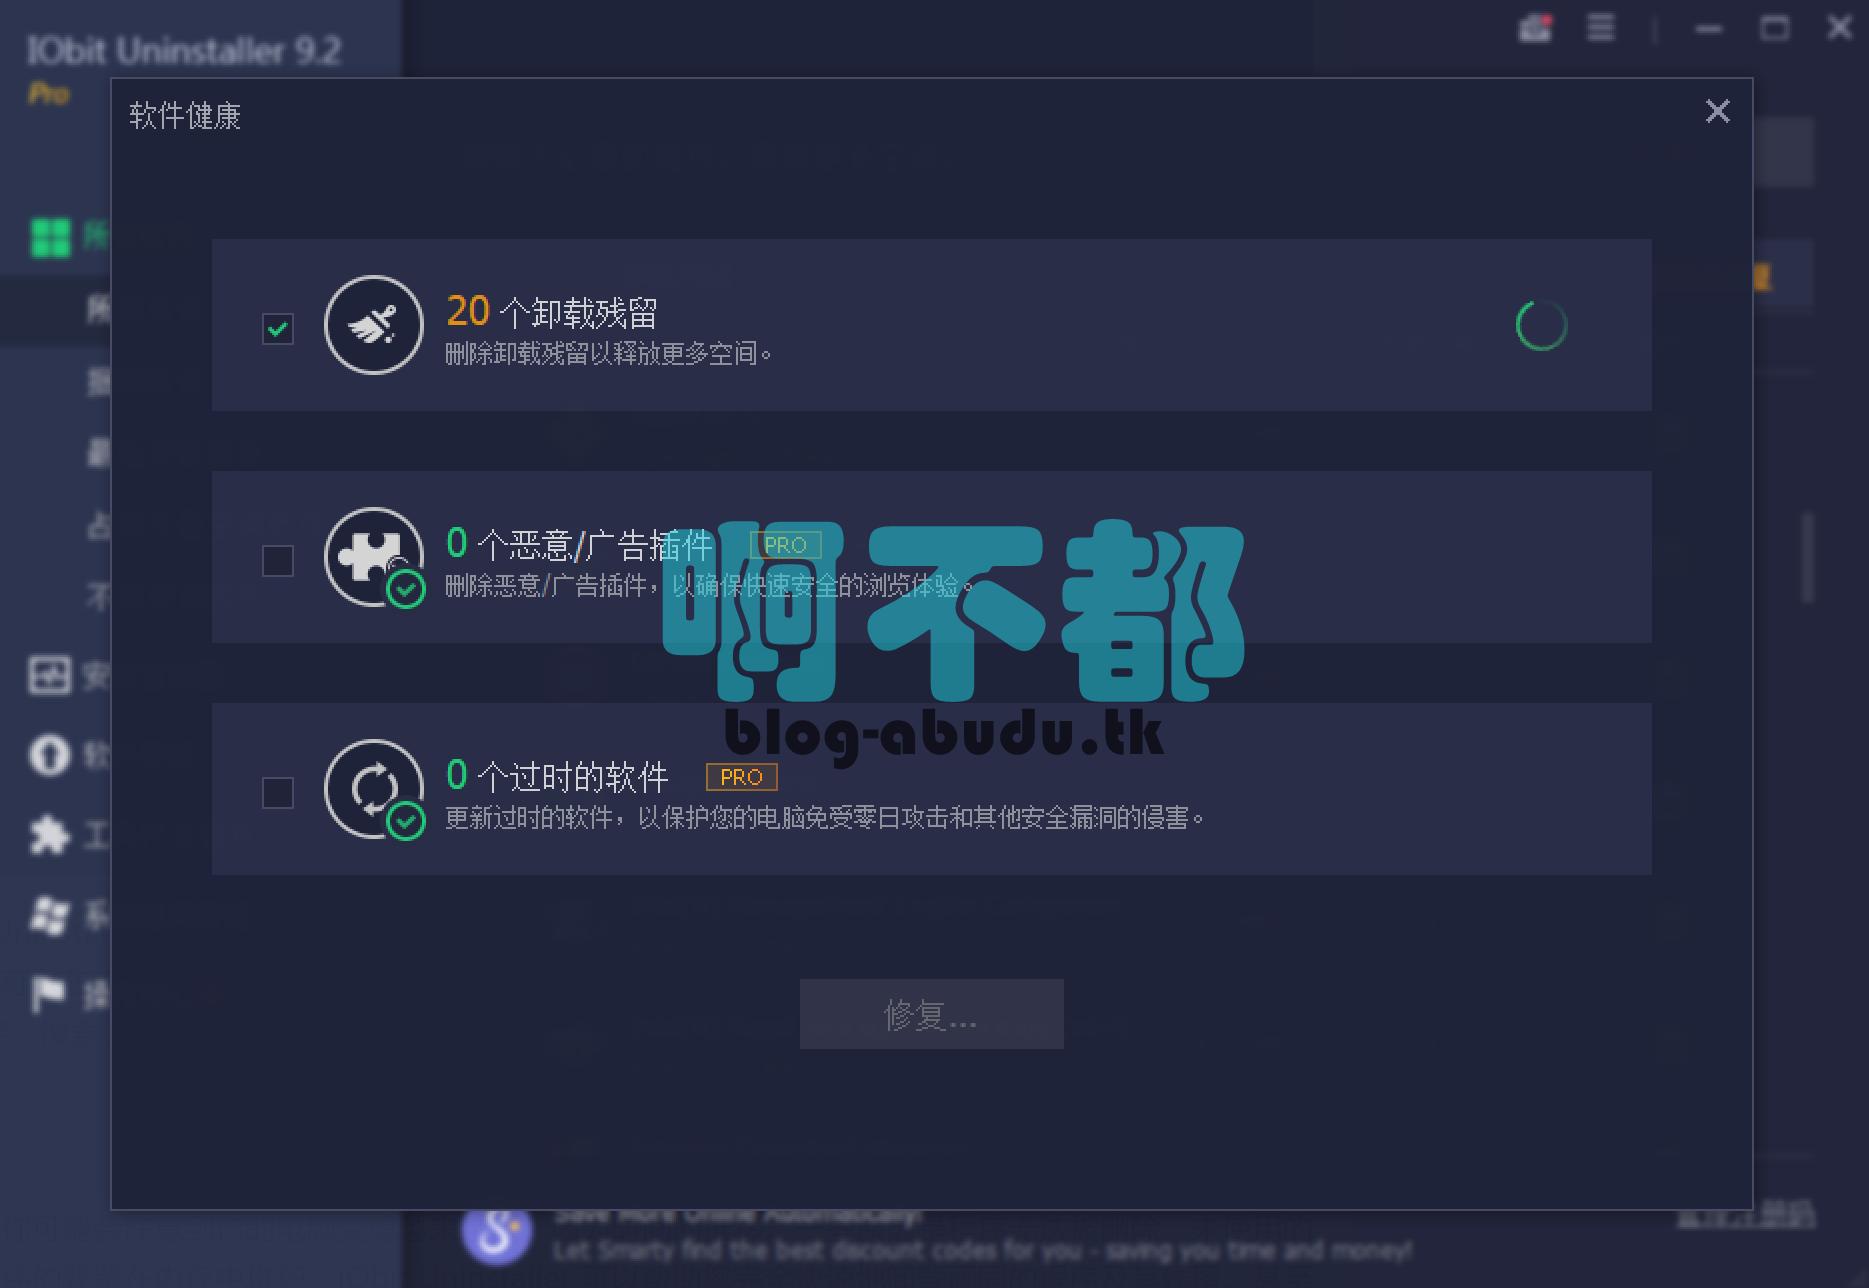 卸载工具 IObit Uninstaller 中文破解版插图(2)